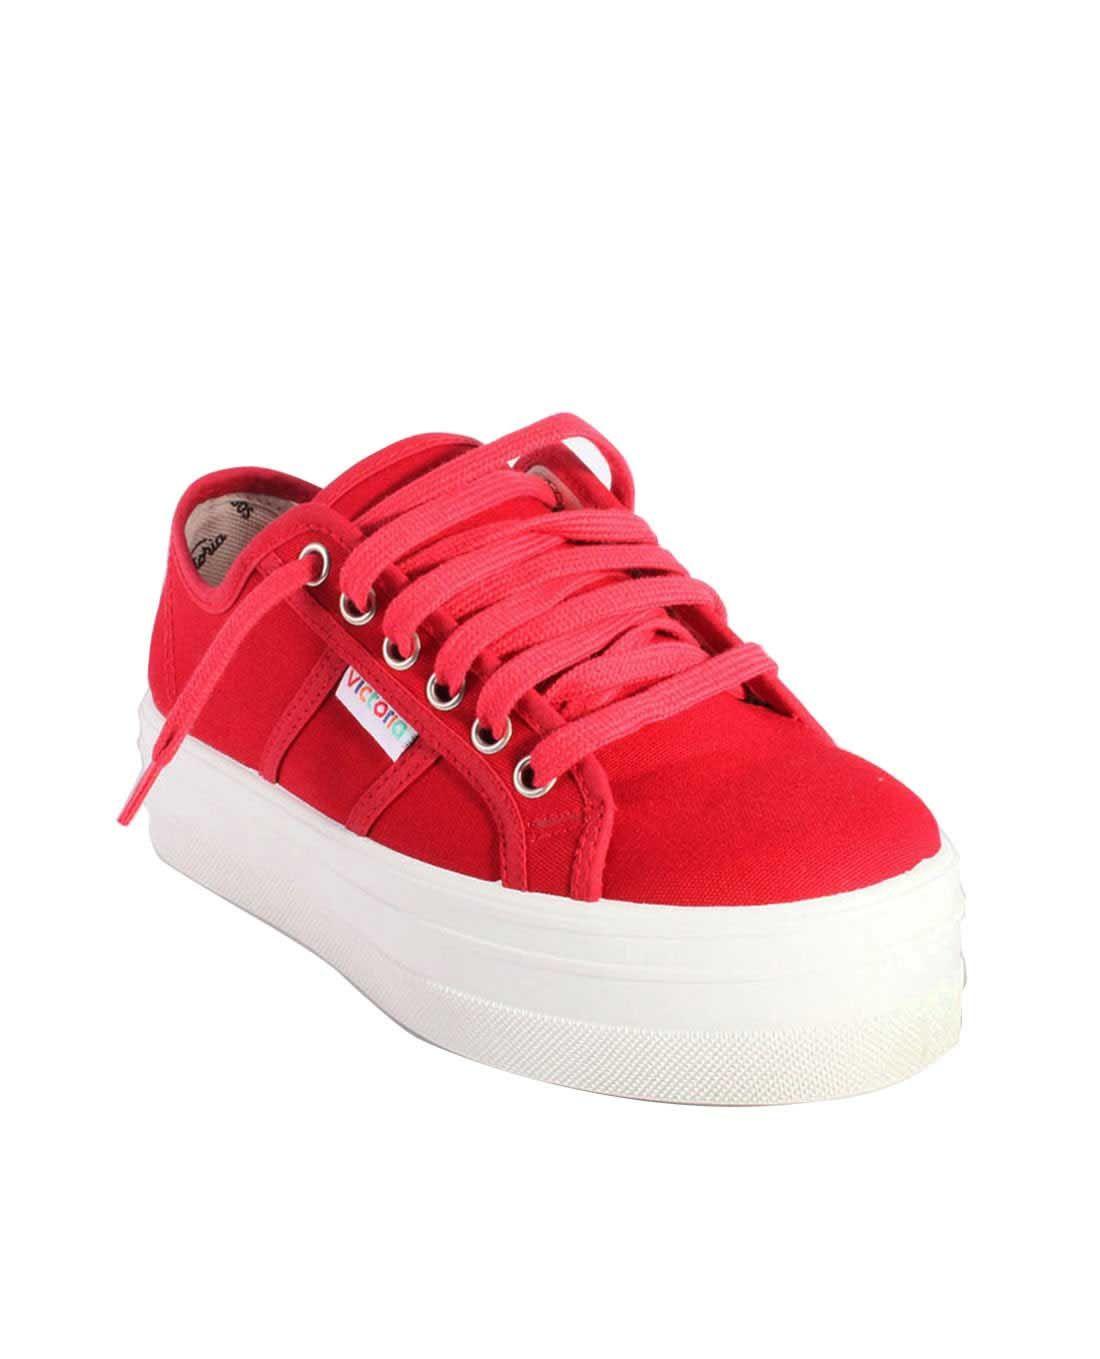 VictoriaSneakersBoots Srta De Pin albins En Zapatillas Y Shoes QrdthCxsB